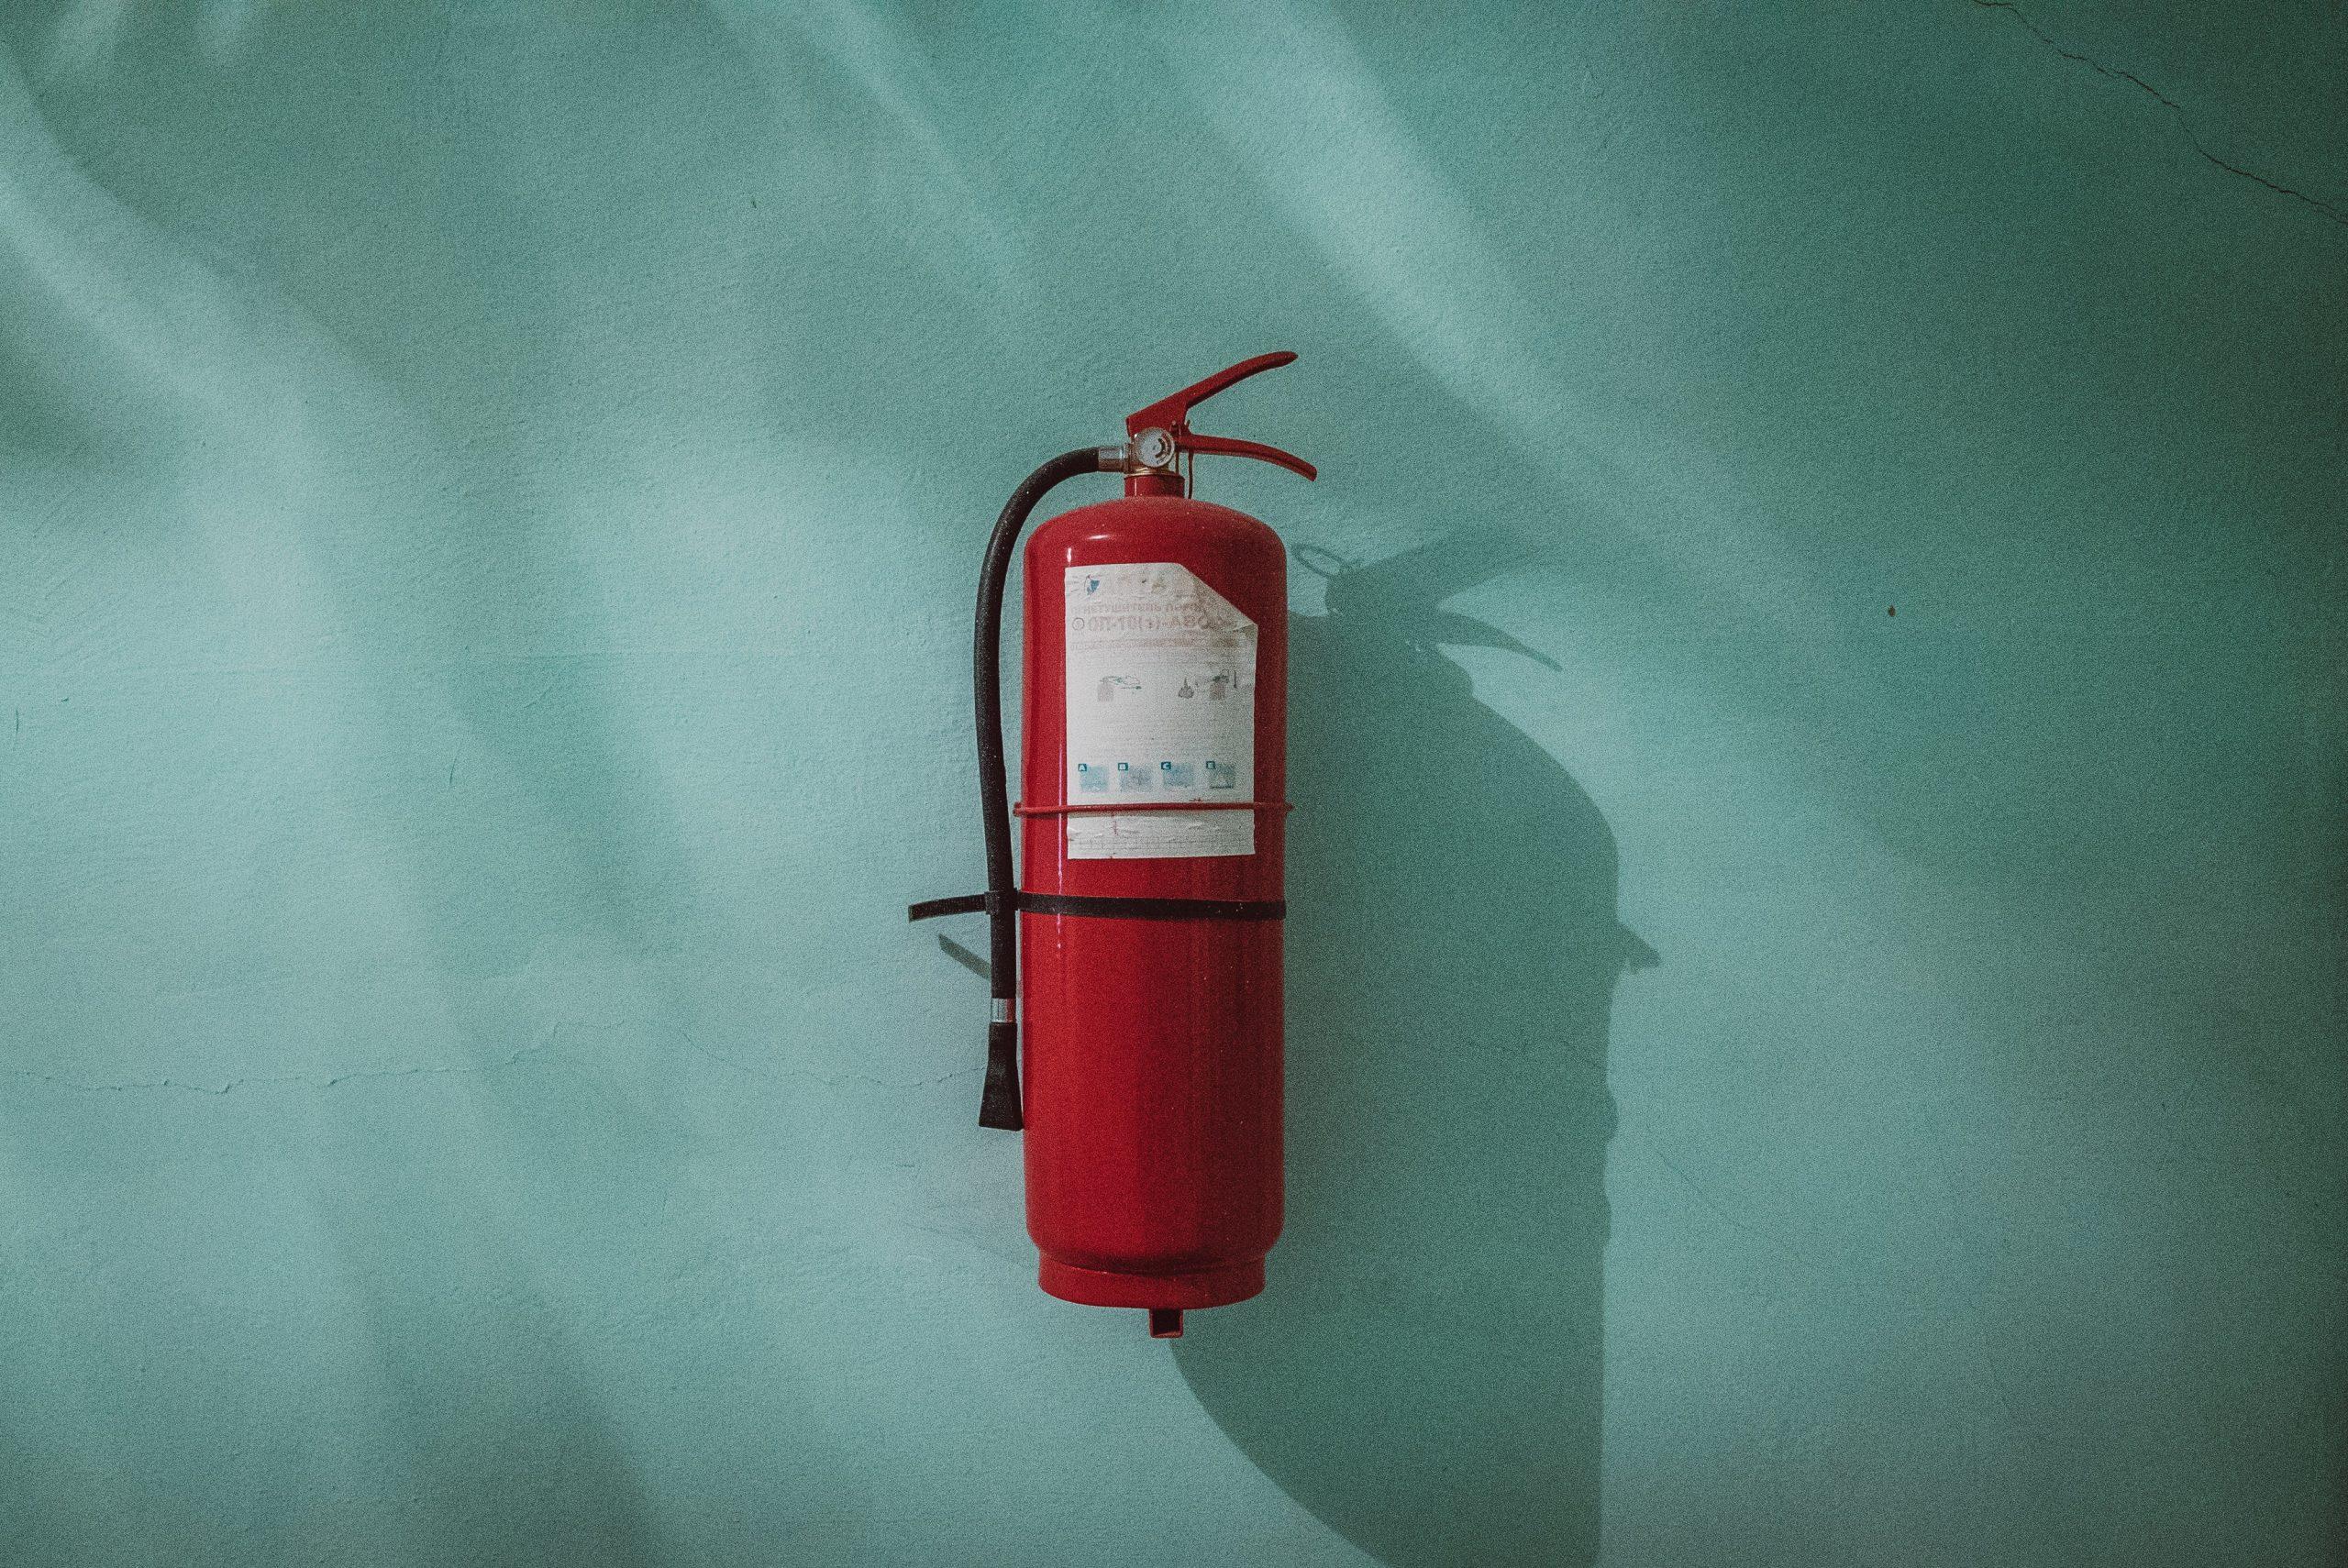 brandveiligheid in magazijnen